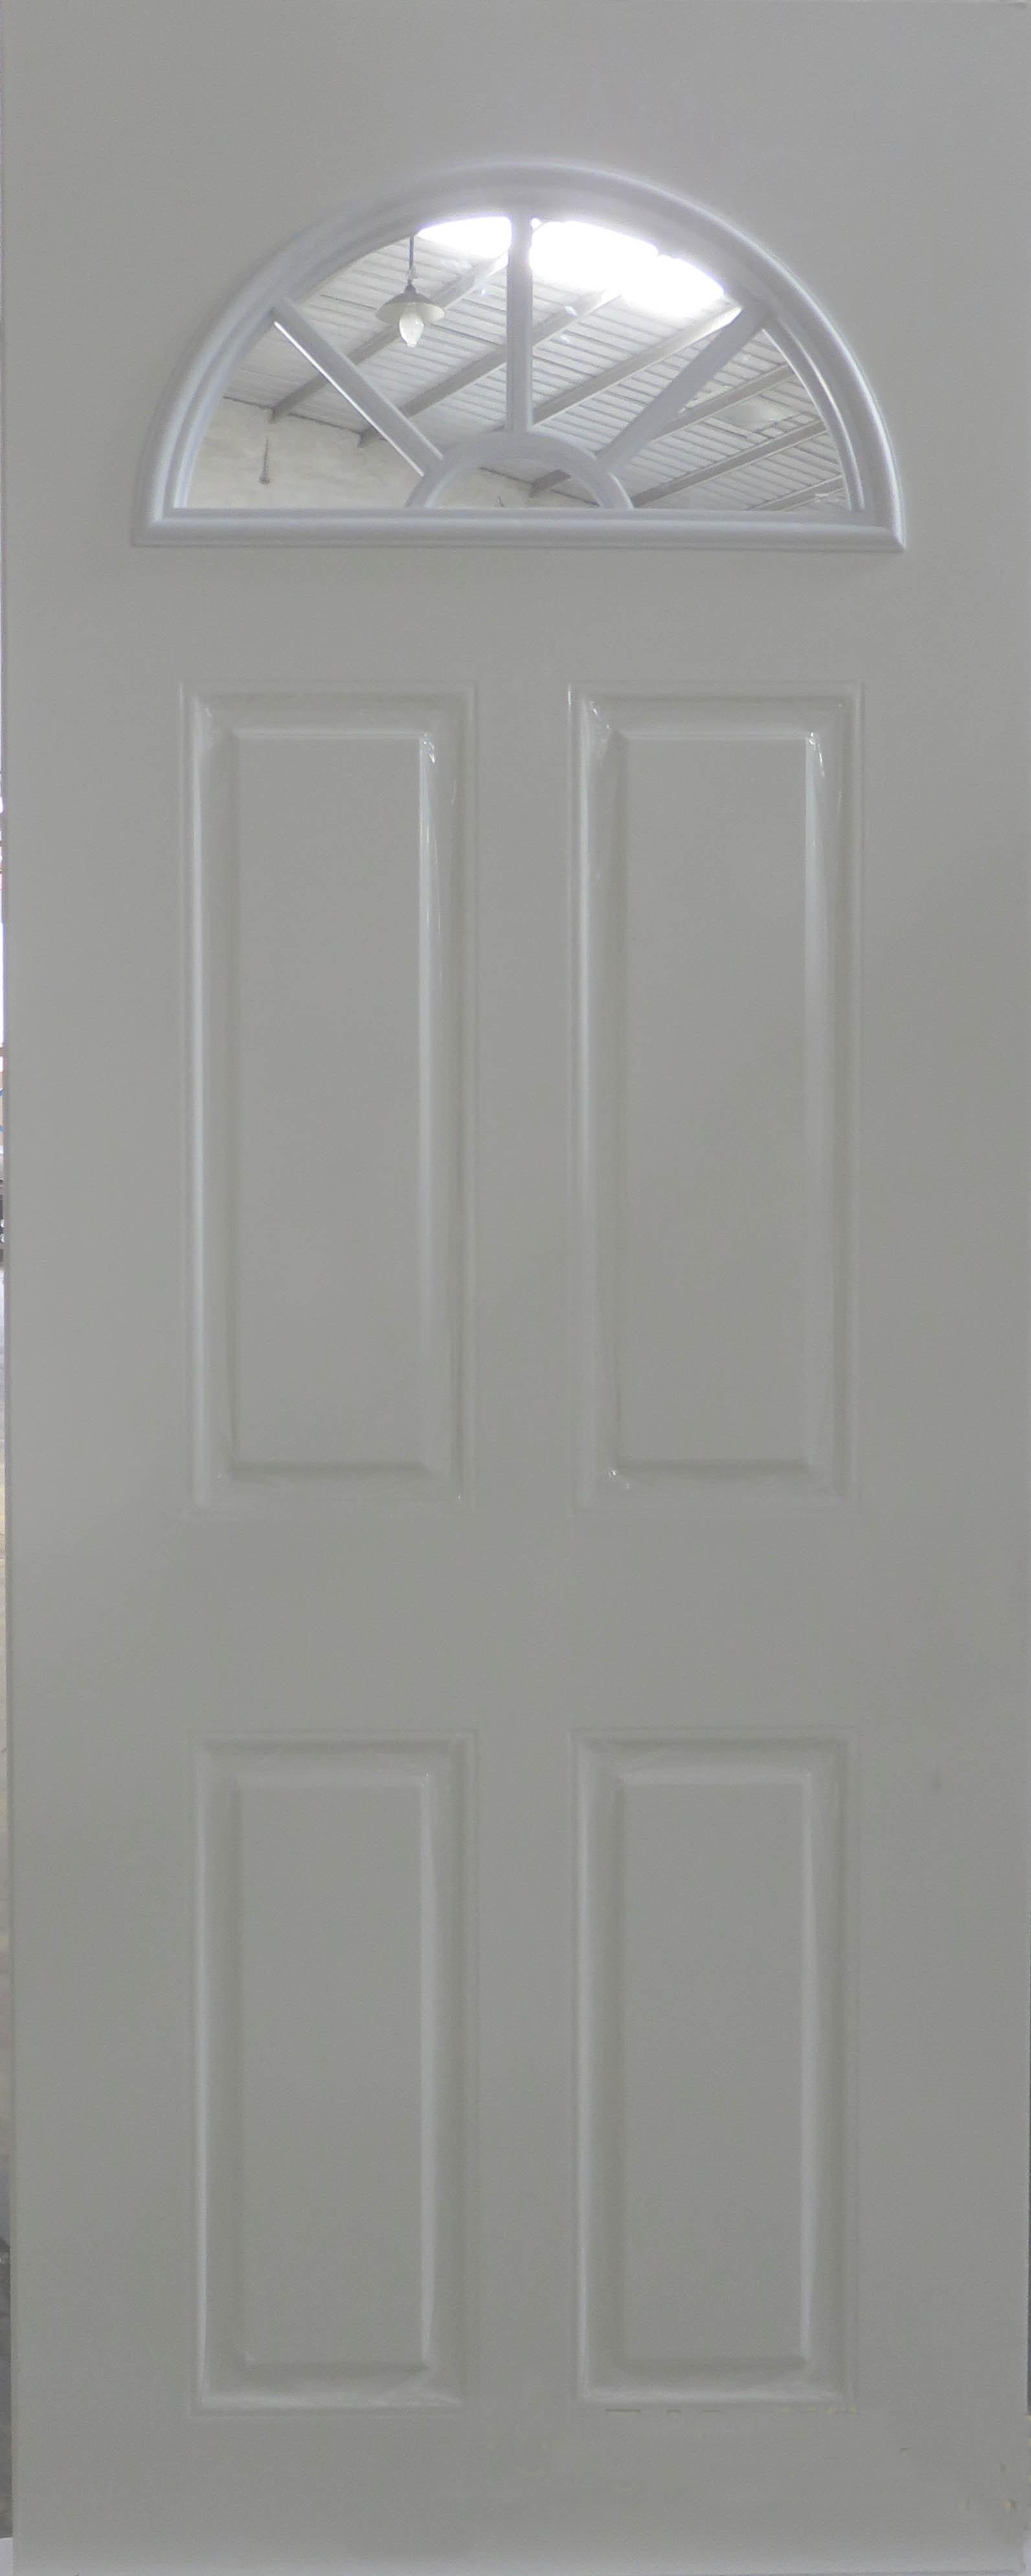 Steel Entry Door with Sunburst Glass